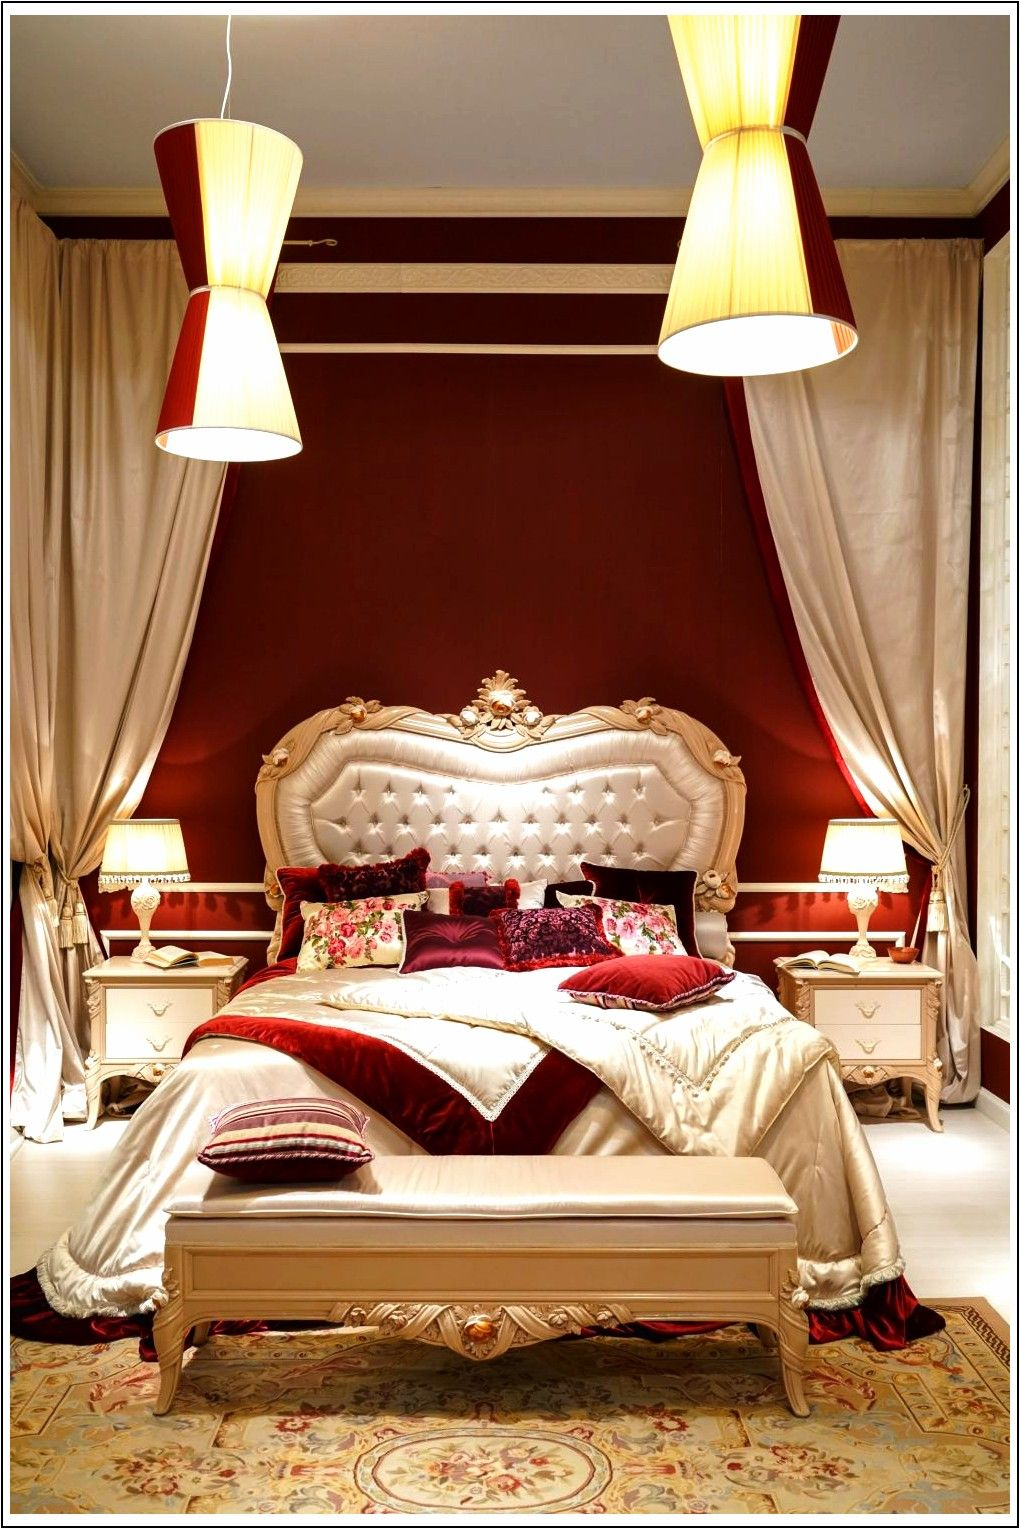 Barocco, stile rococò, per una camera da letto di lusso ...